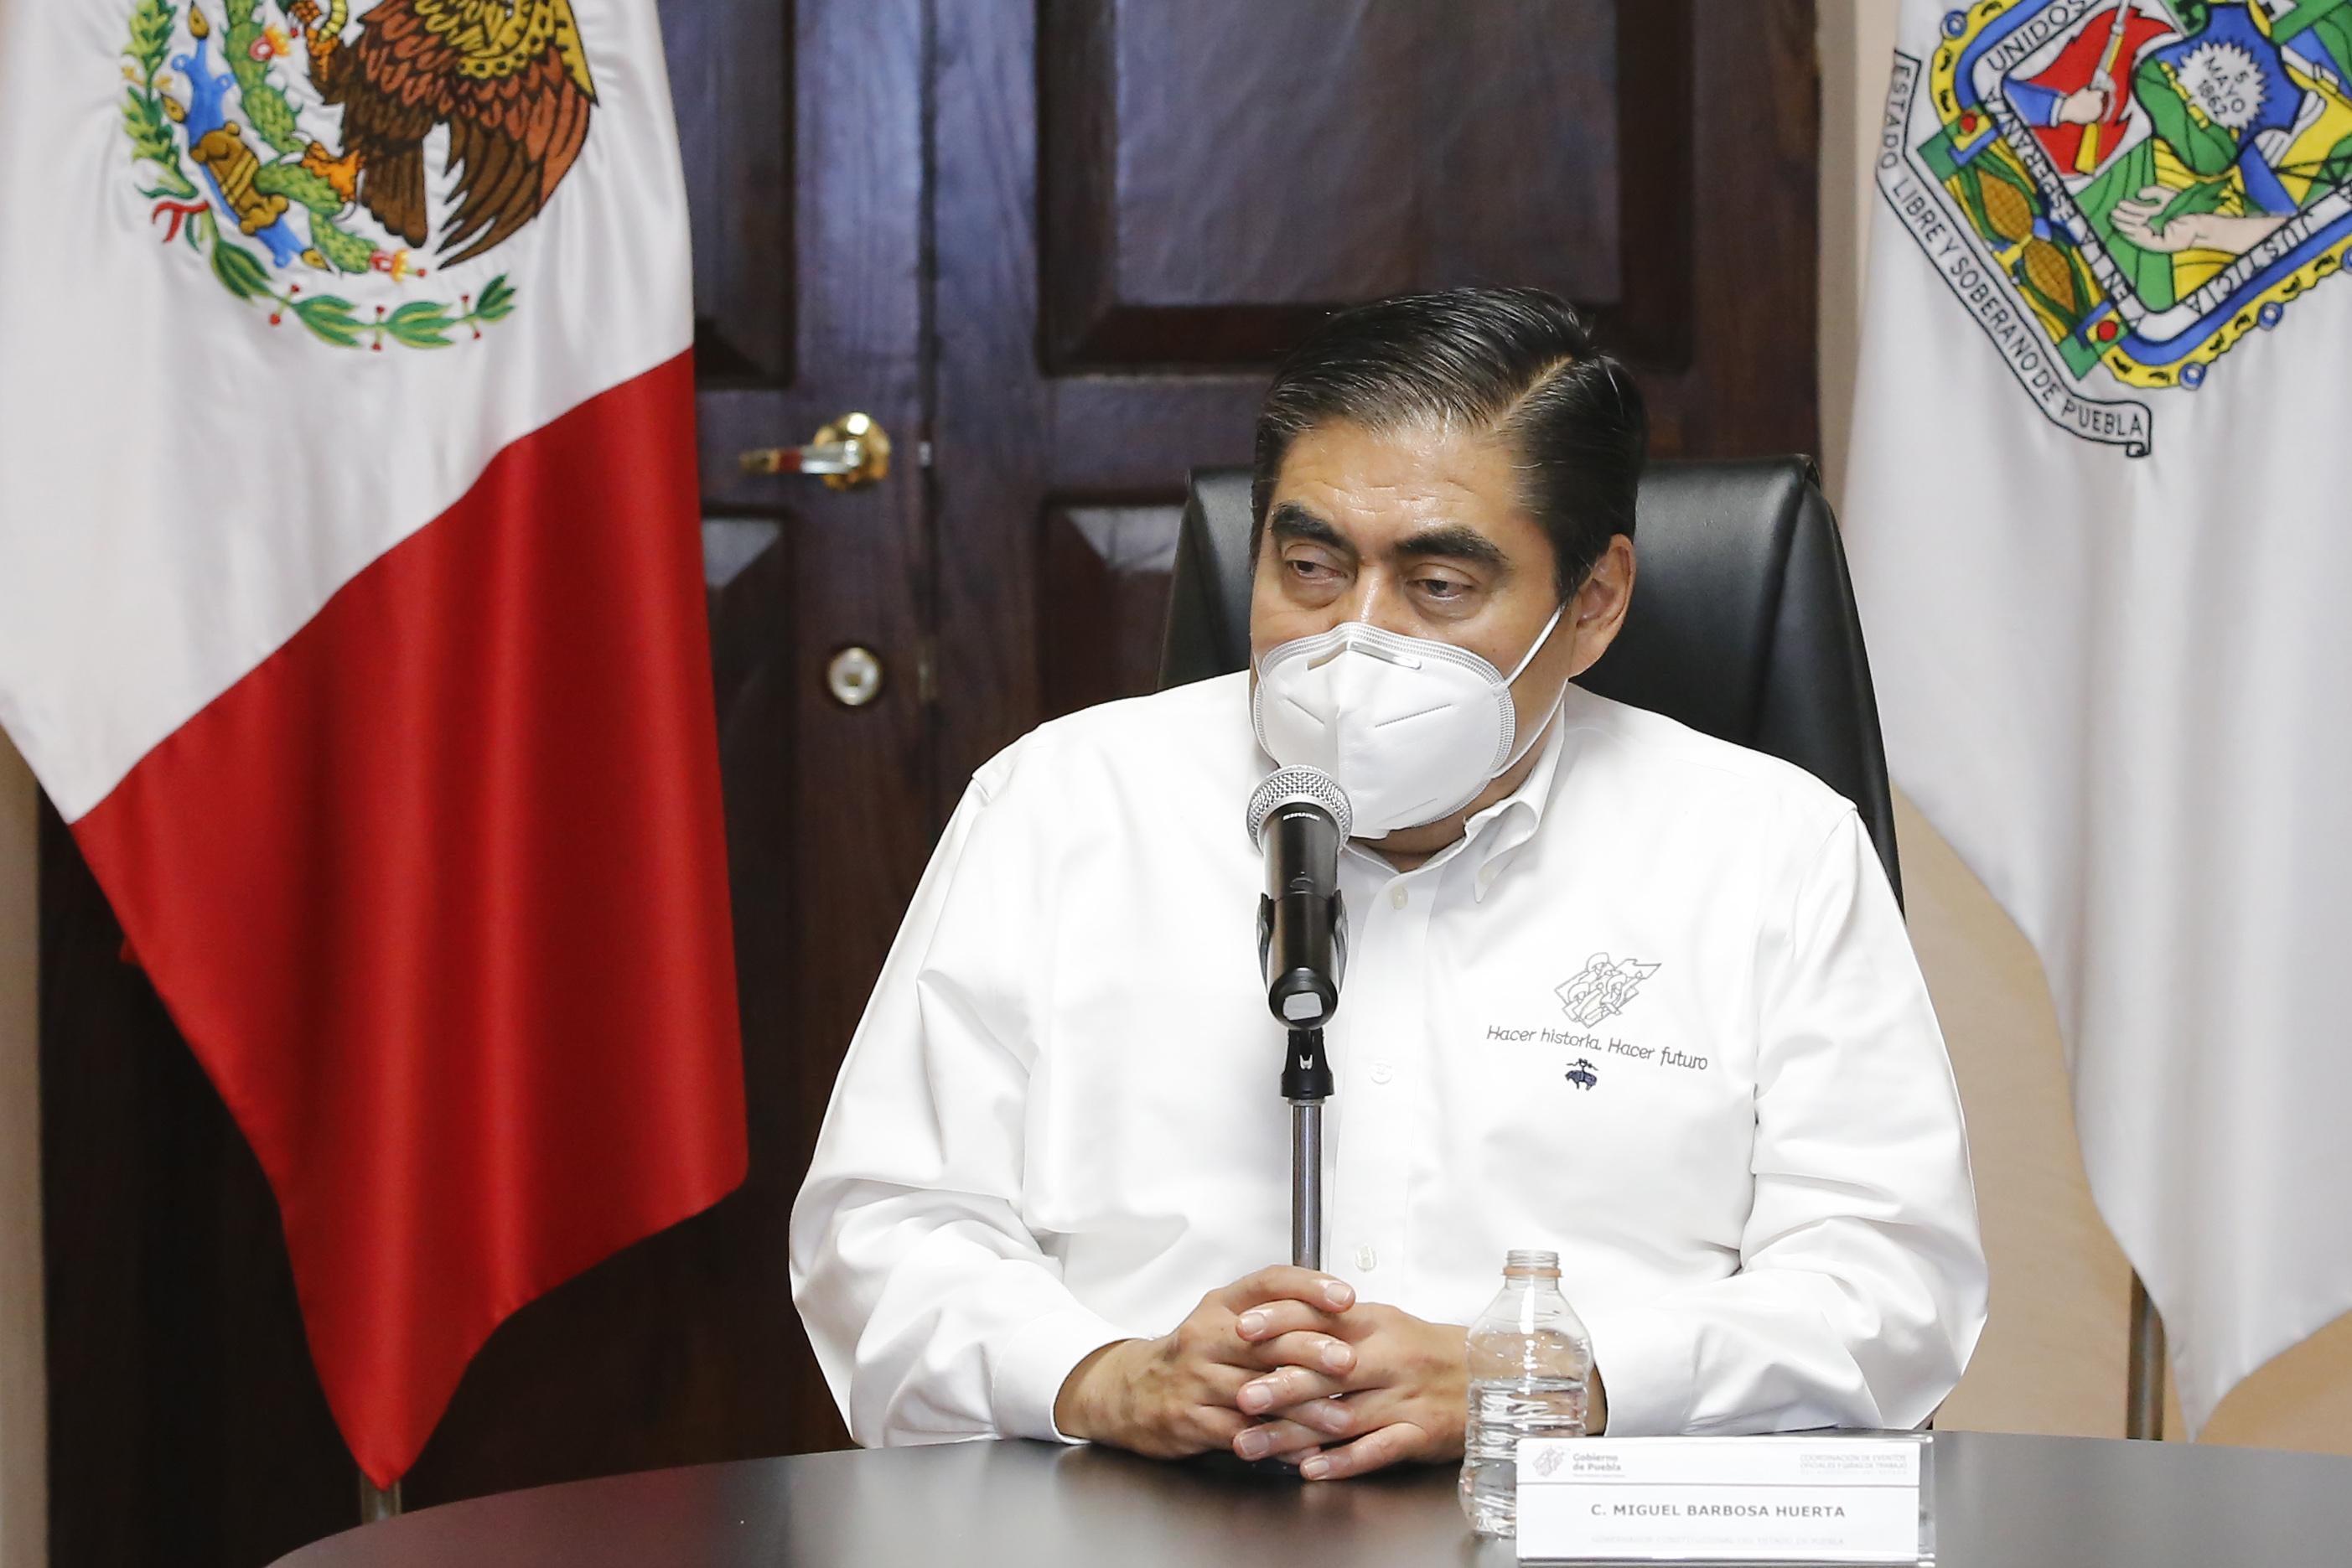 Video desde Puebla: Gobernador Barbosa informó que el subsecretario López Gatell implementará estrategia de  salud y que solo con unidad volverá la normalidad